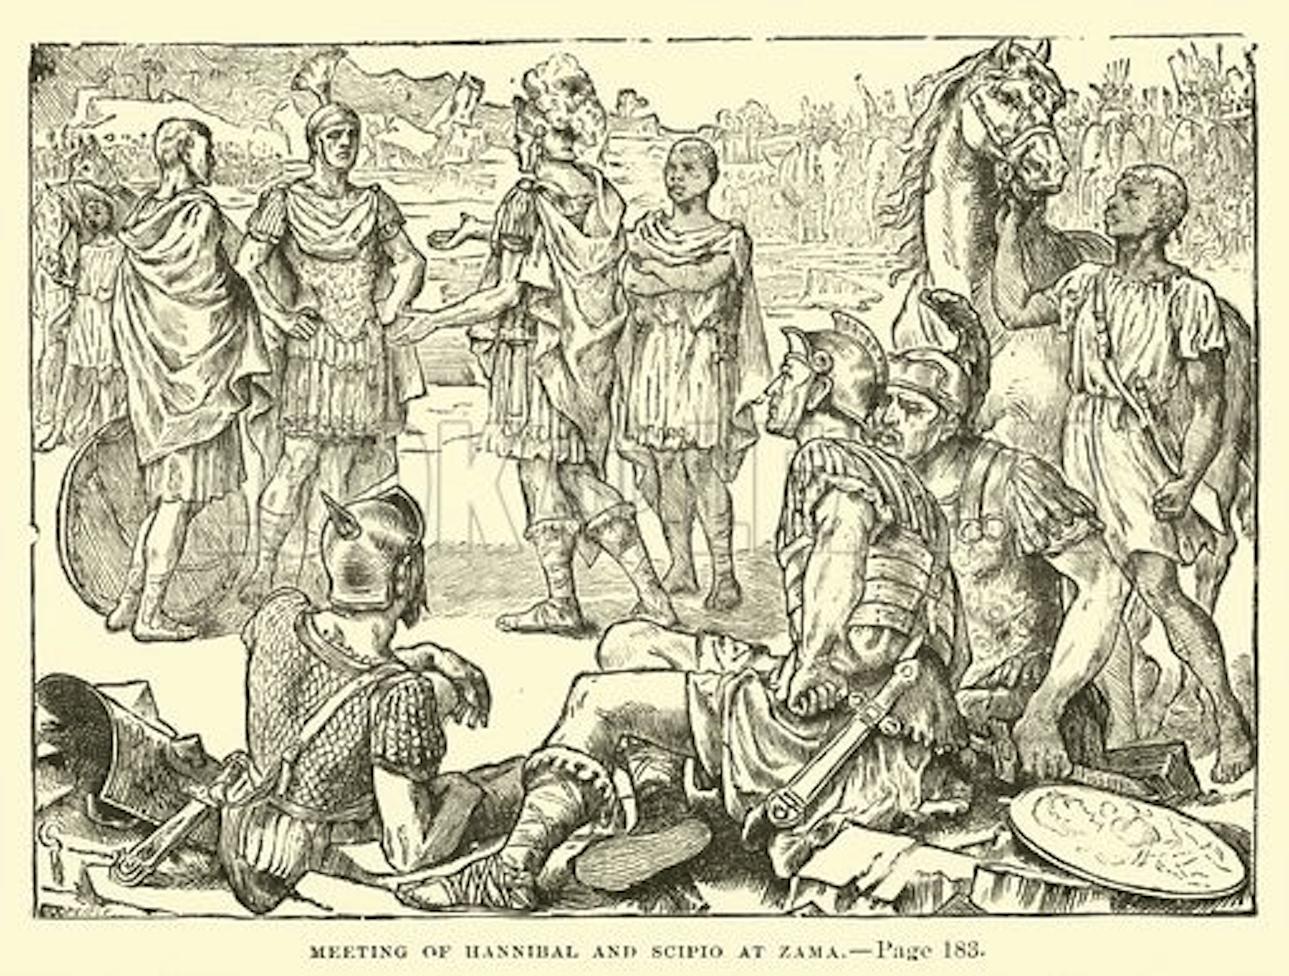 ザマの戦いを前に会見するハンニバルとスキピオ